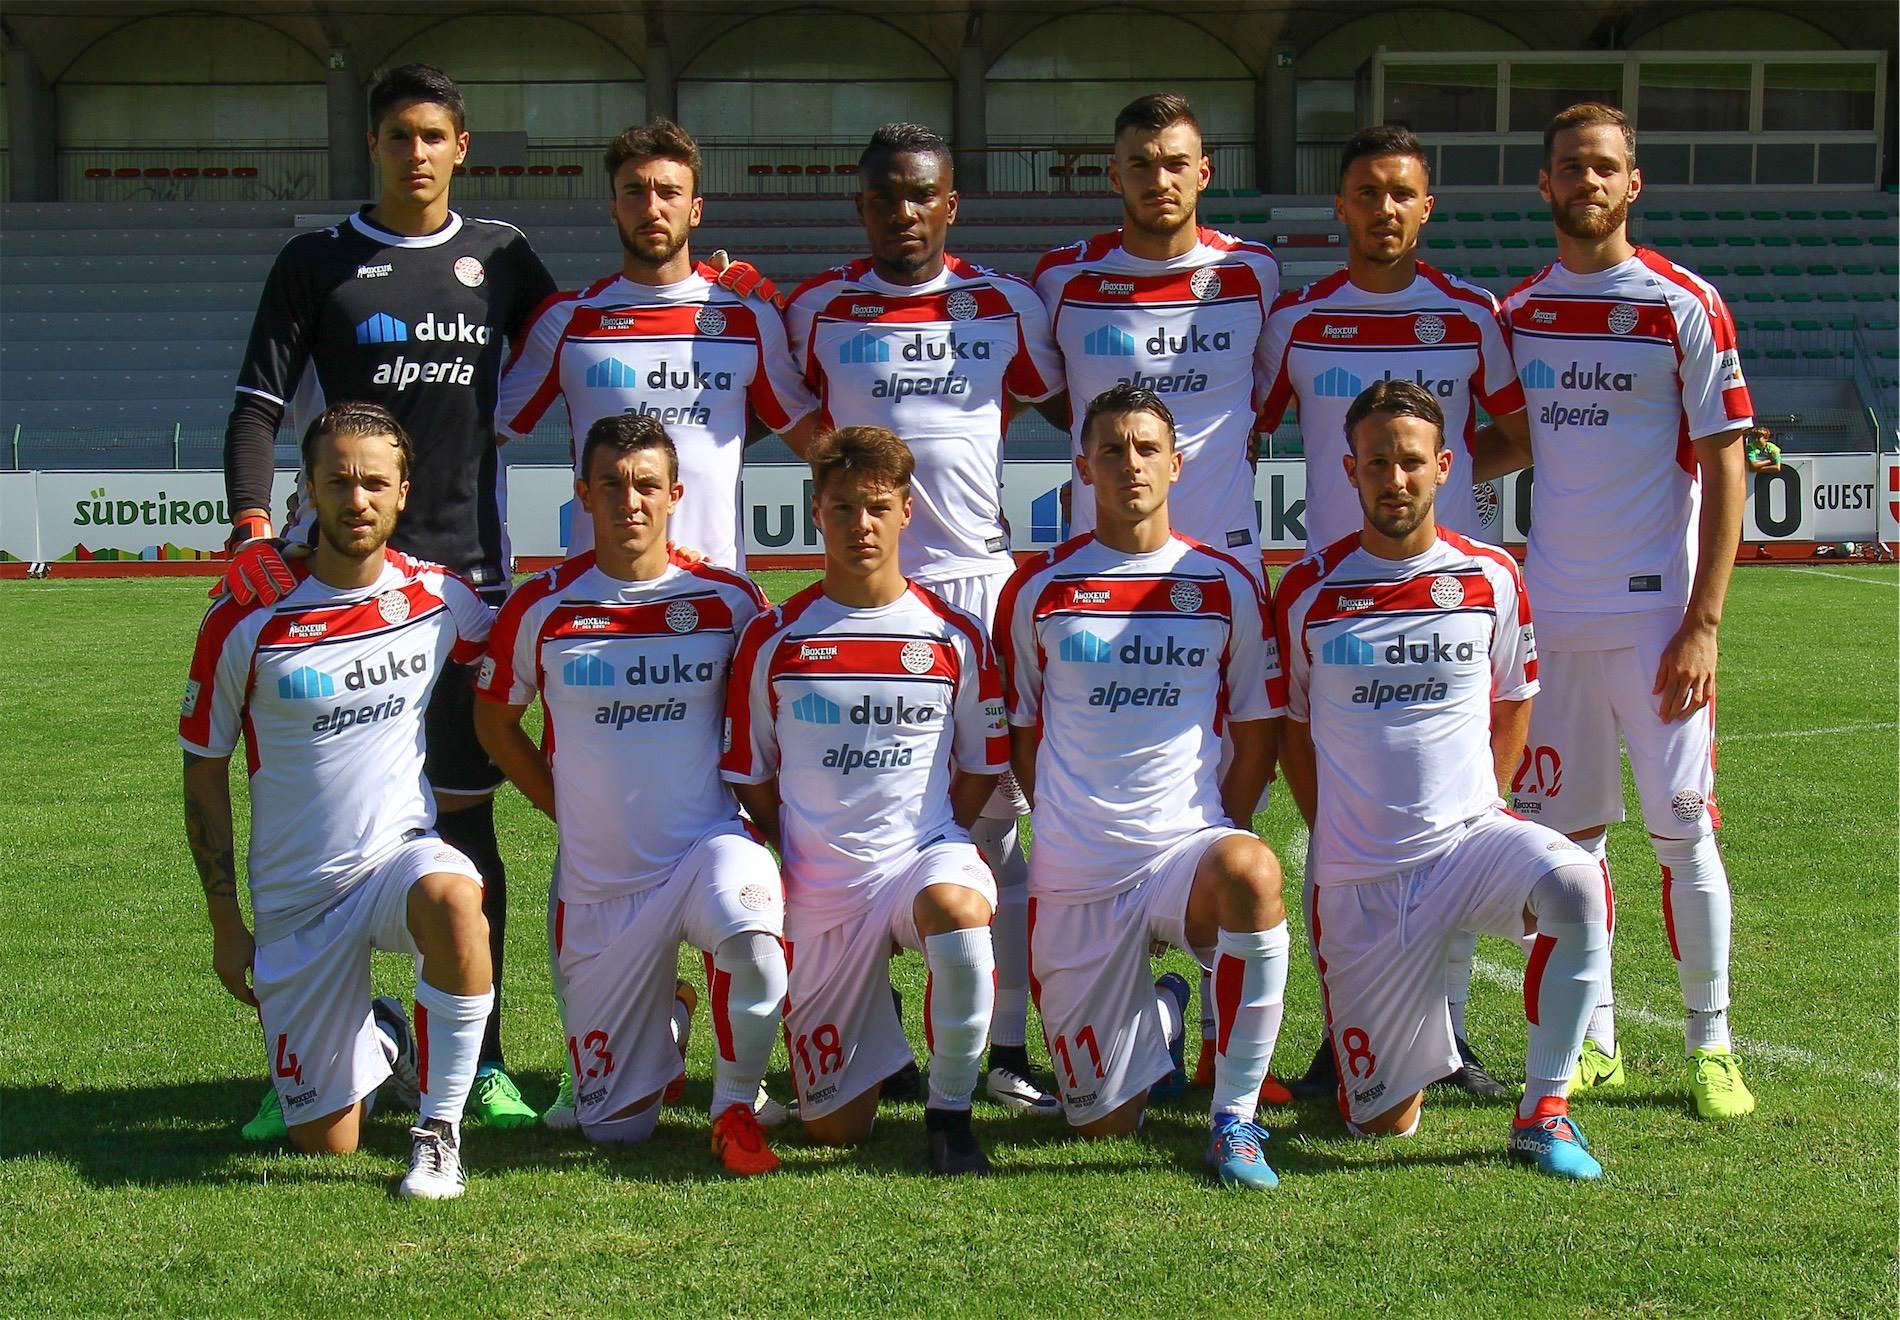 Sudtirol-Sambenedettese 7 aprile: si gioca per la 34 esima giornata del gruppo B della Serie C. Padroni di casa favoriti per i 3 punti.